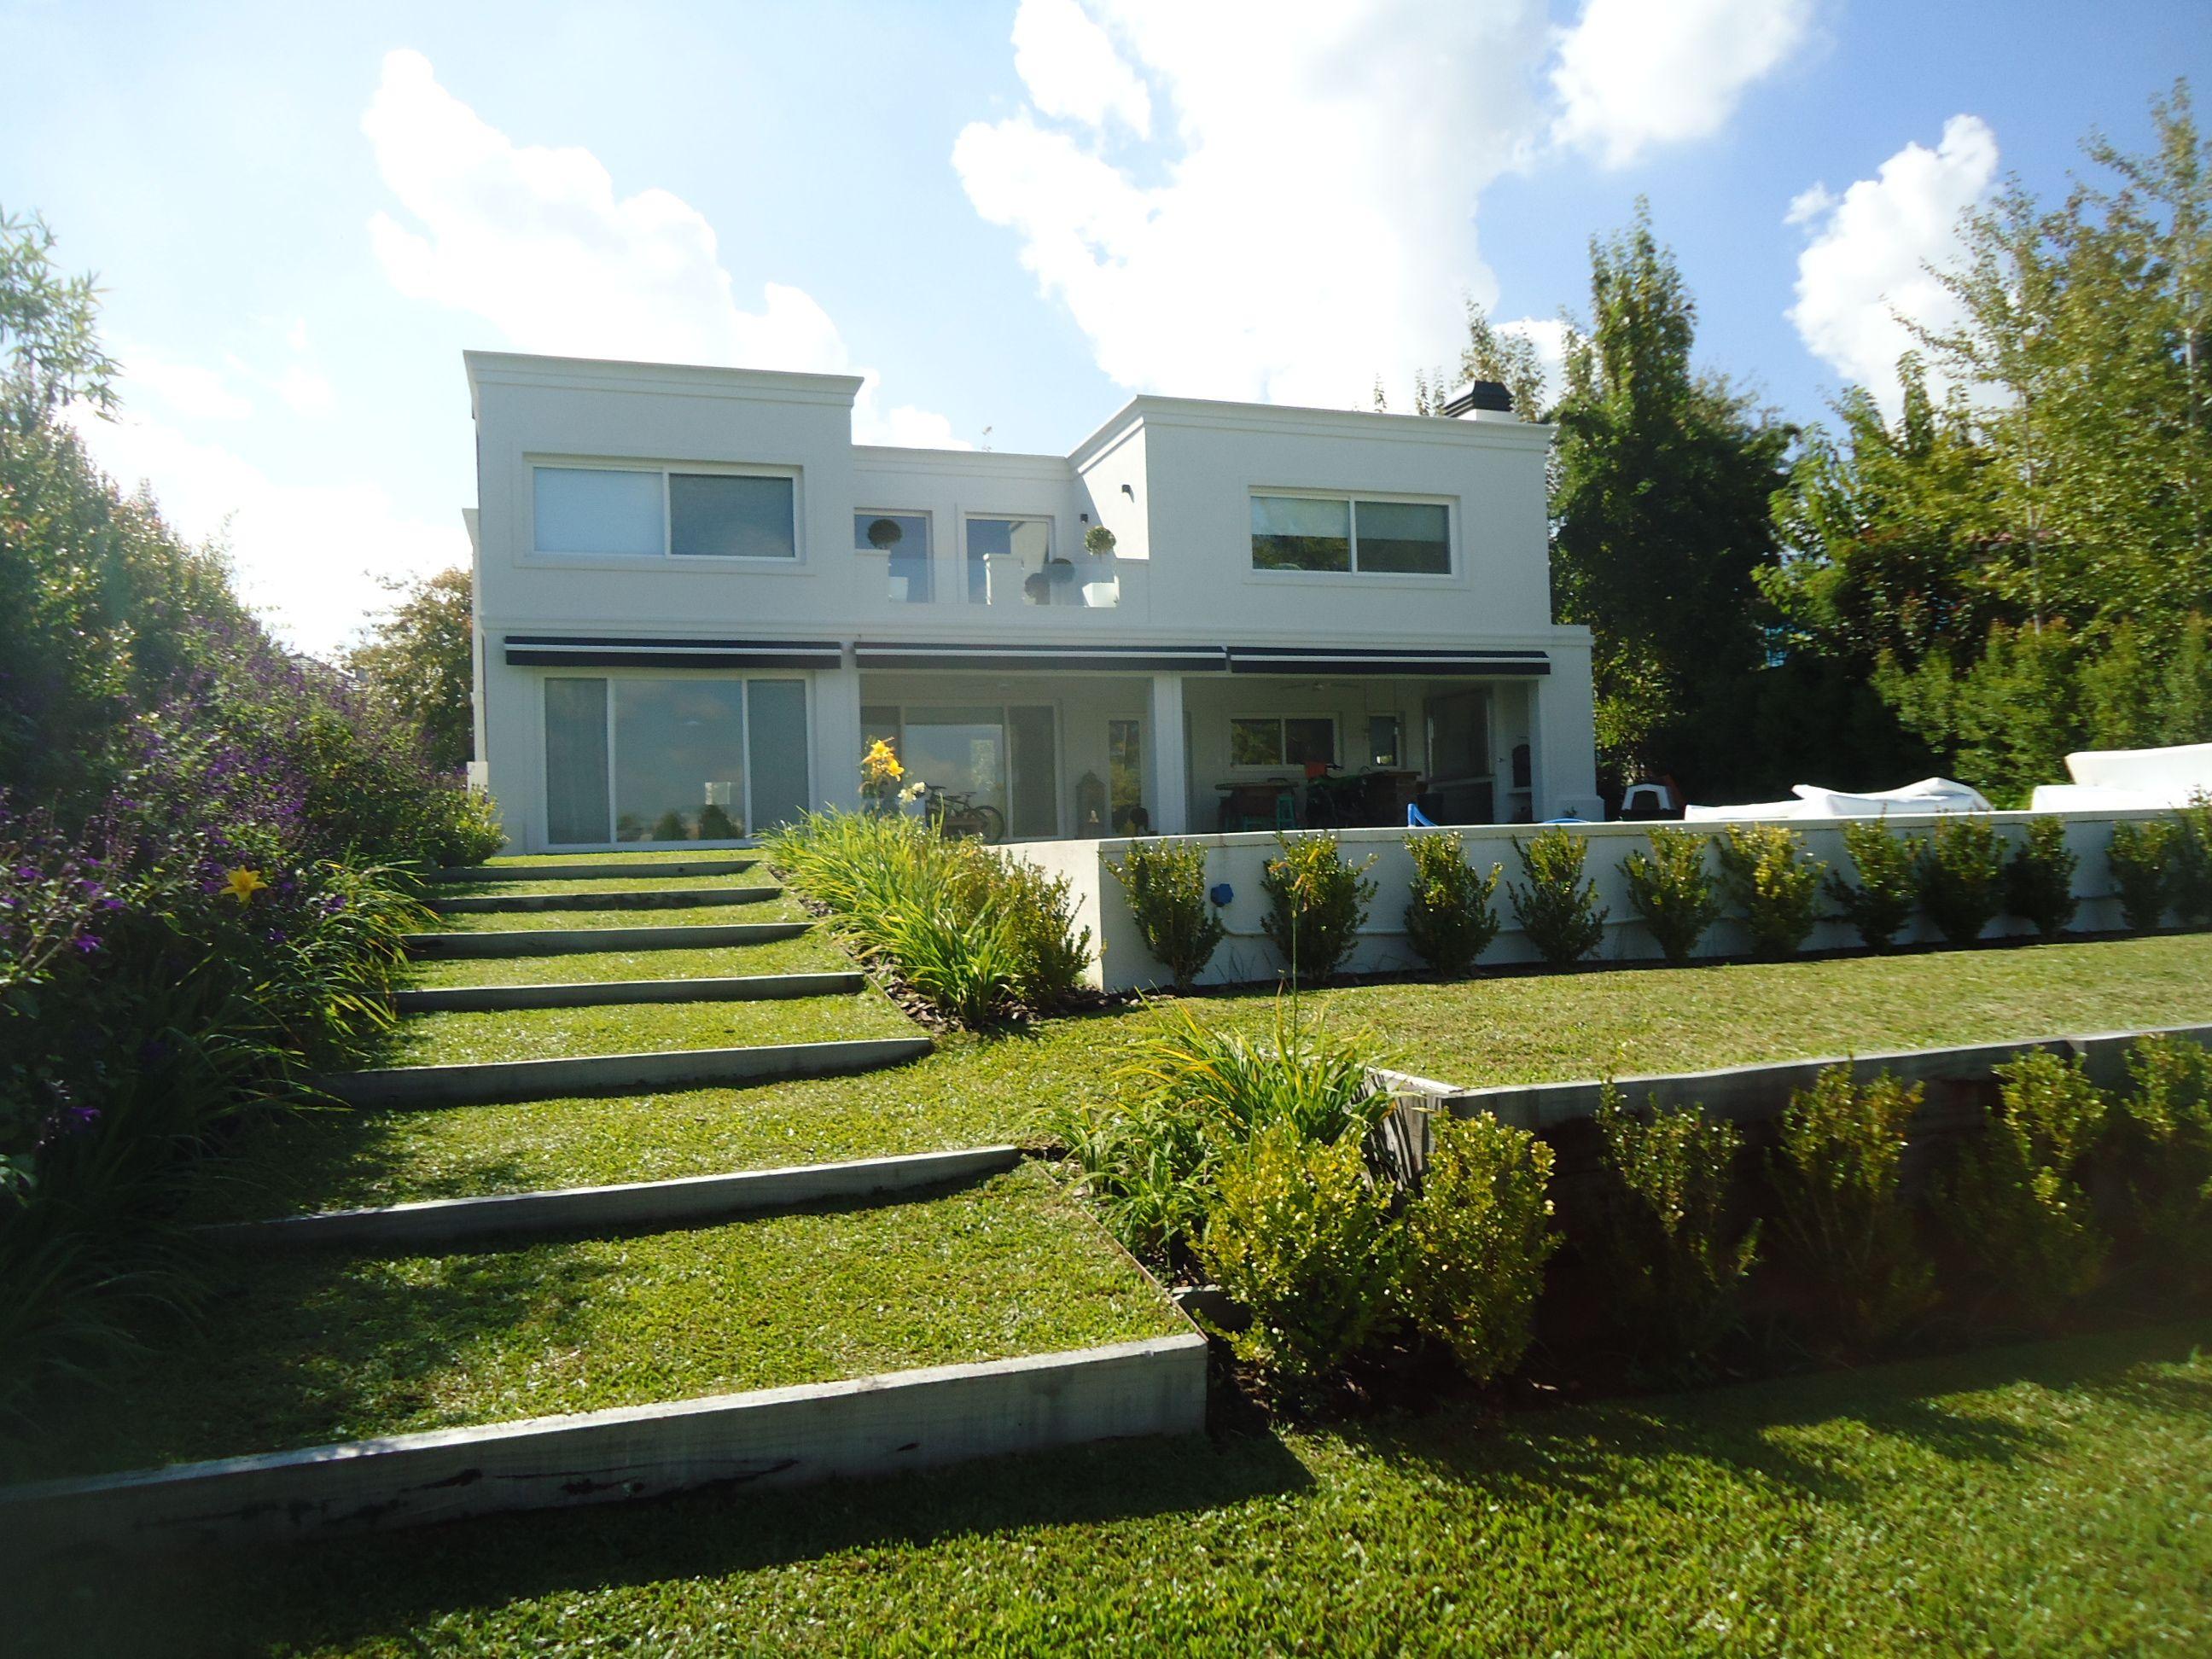 Oda al verde jardin aterrazado a lago garden to lake for Patios y jardines modernos